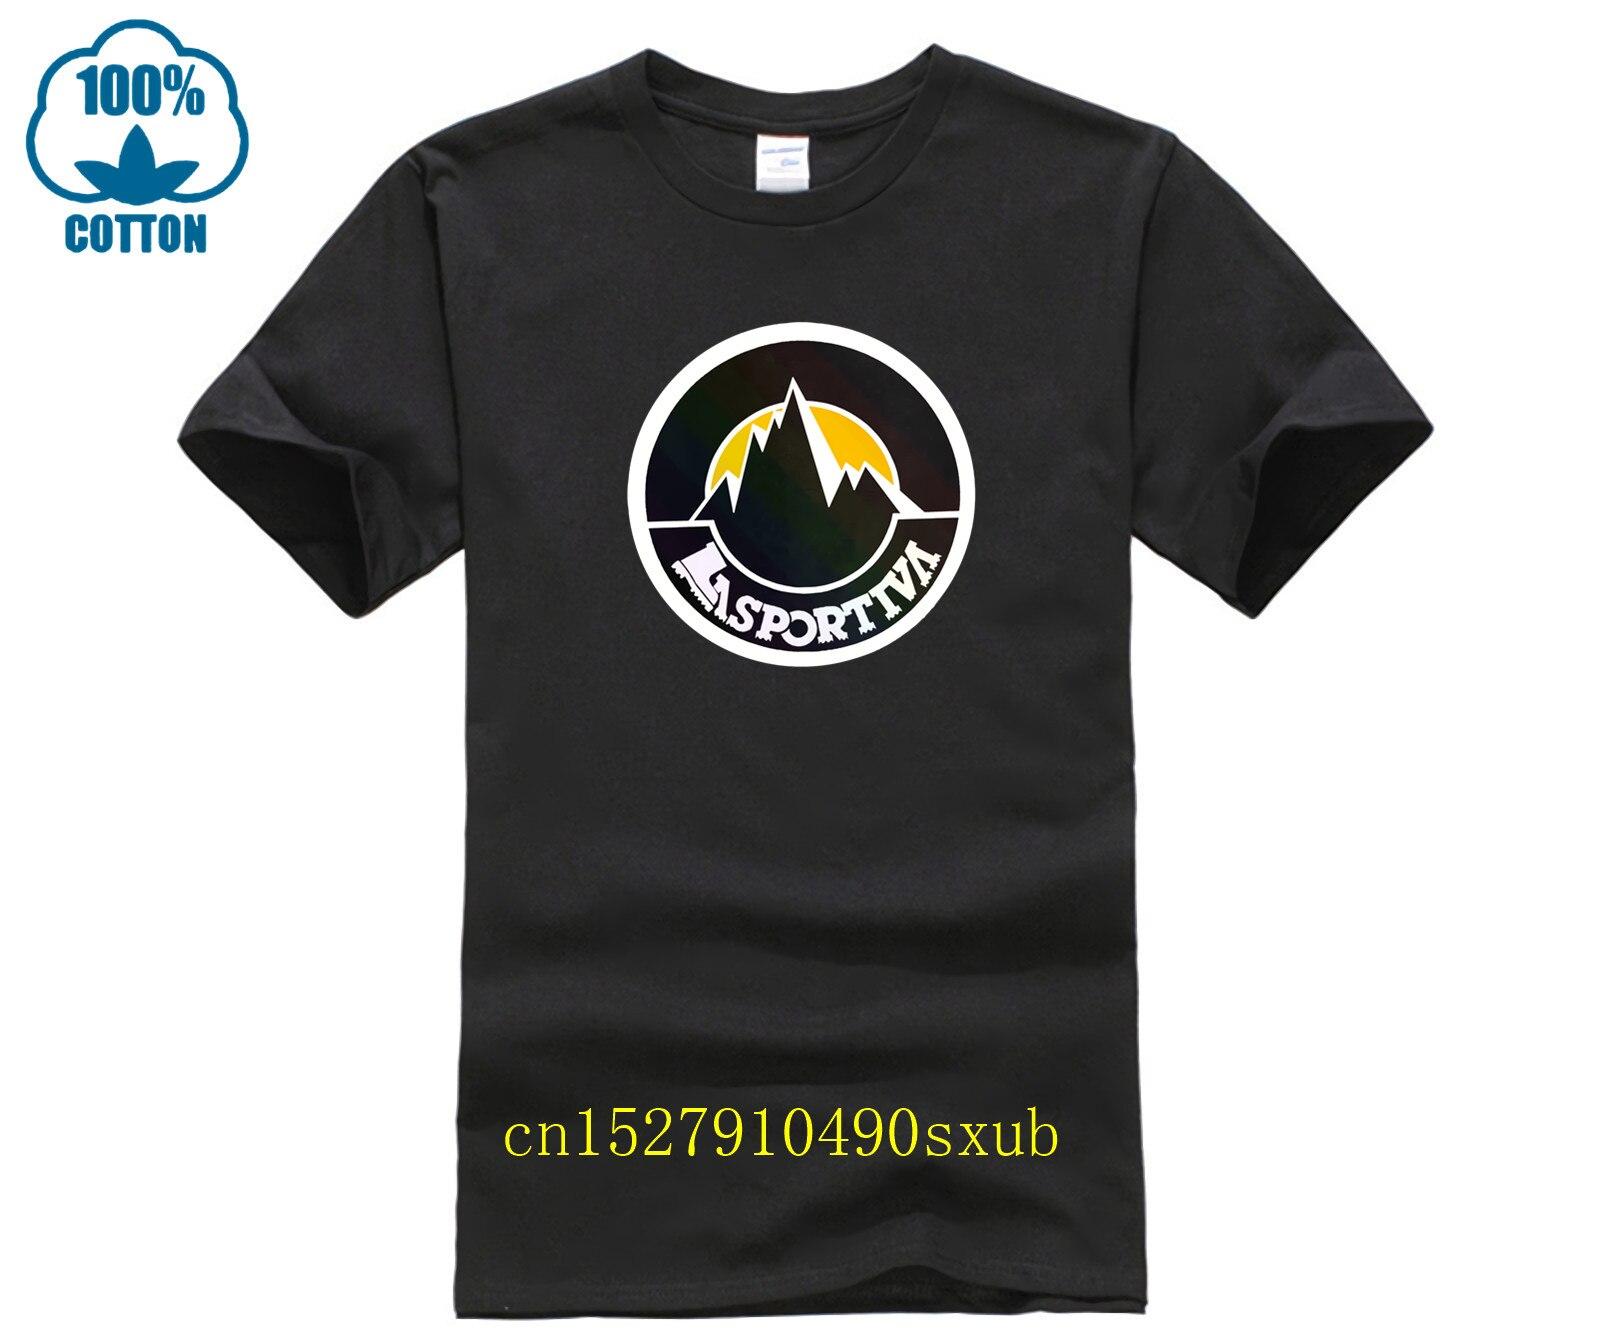 Camiseta con Logo de La Sportiva para hombre, mascarilla de boca en algodón lavable y reutilizable